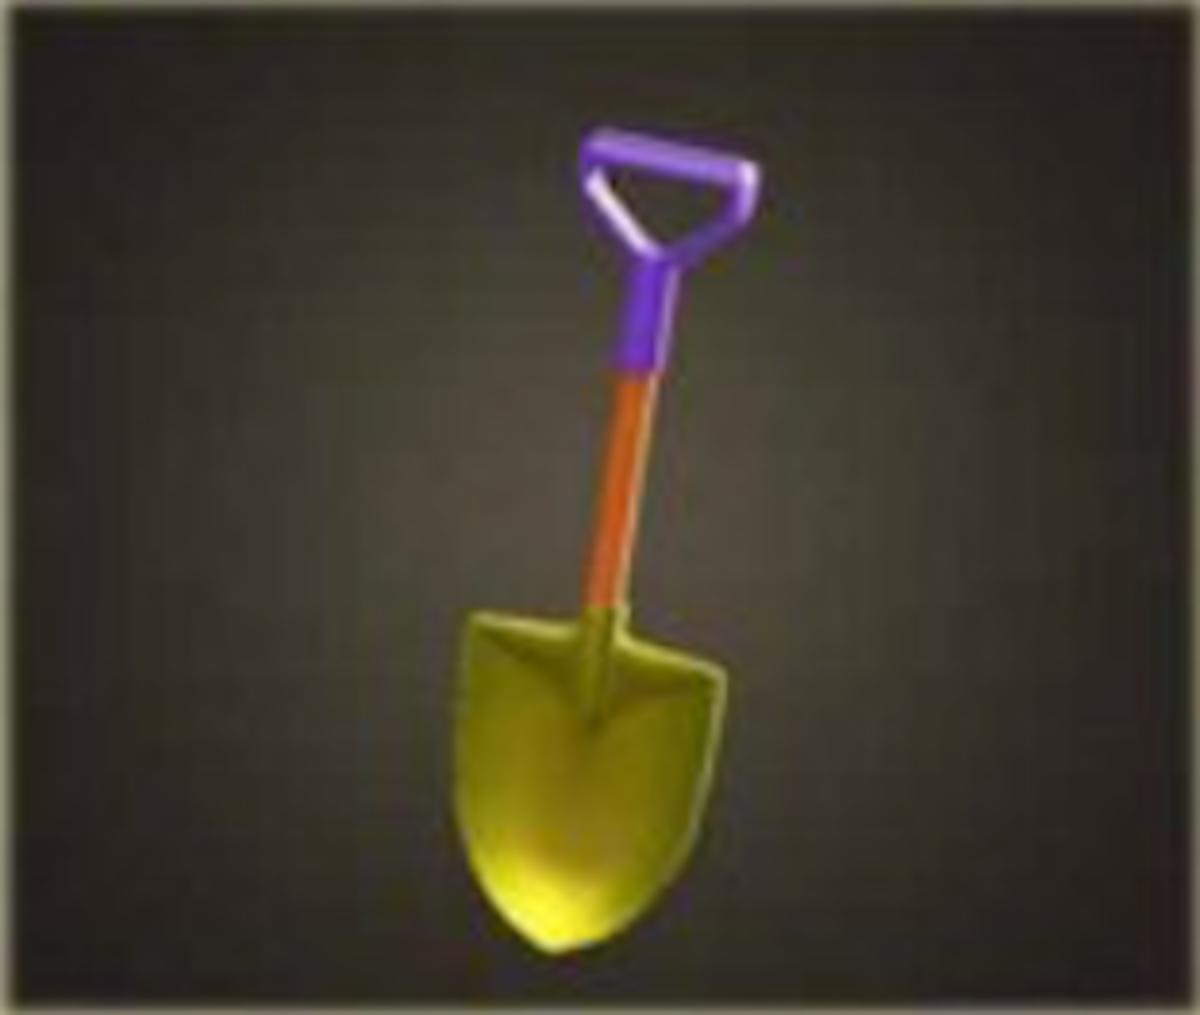 The Golden Shovel